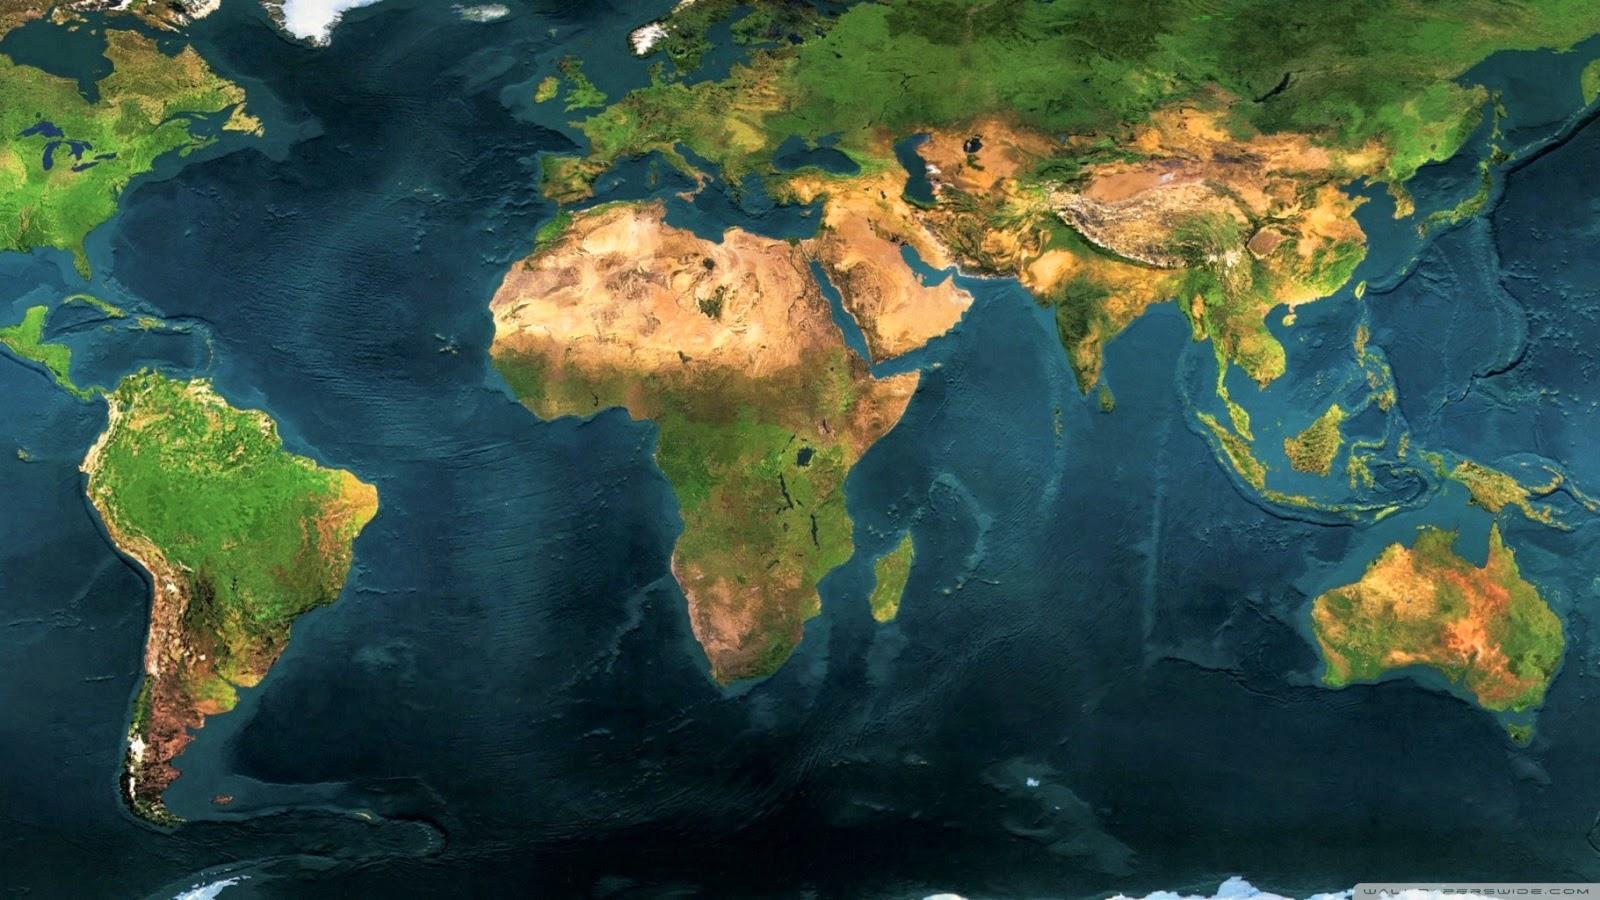 World Map Wallpaper Desktop Wallpapers   HD Wallpapers 1600x900